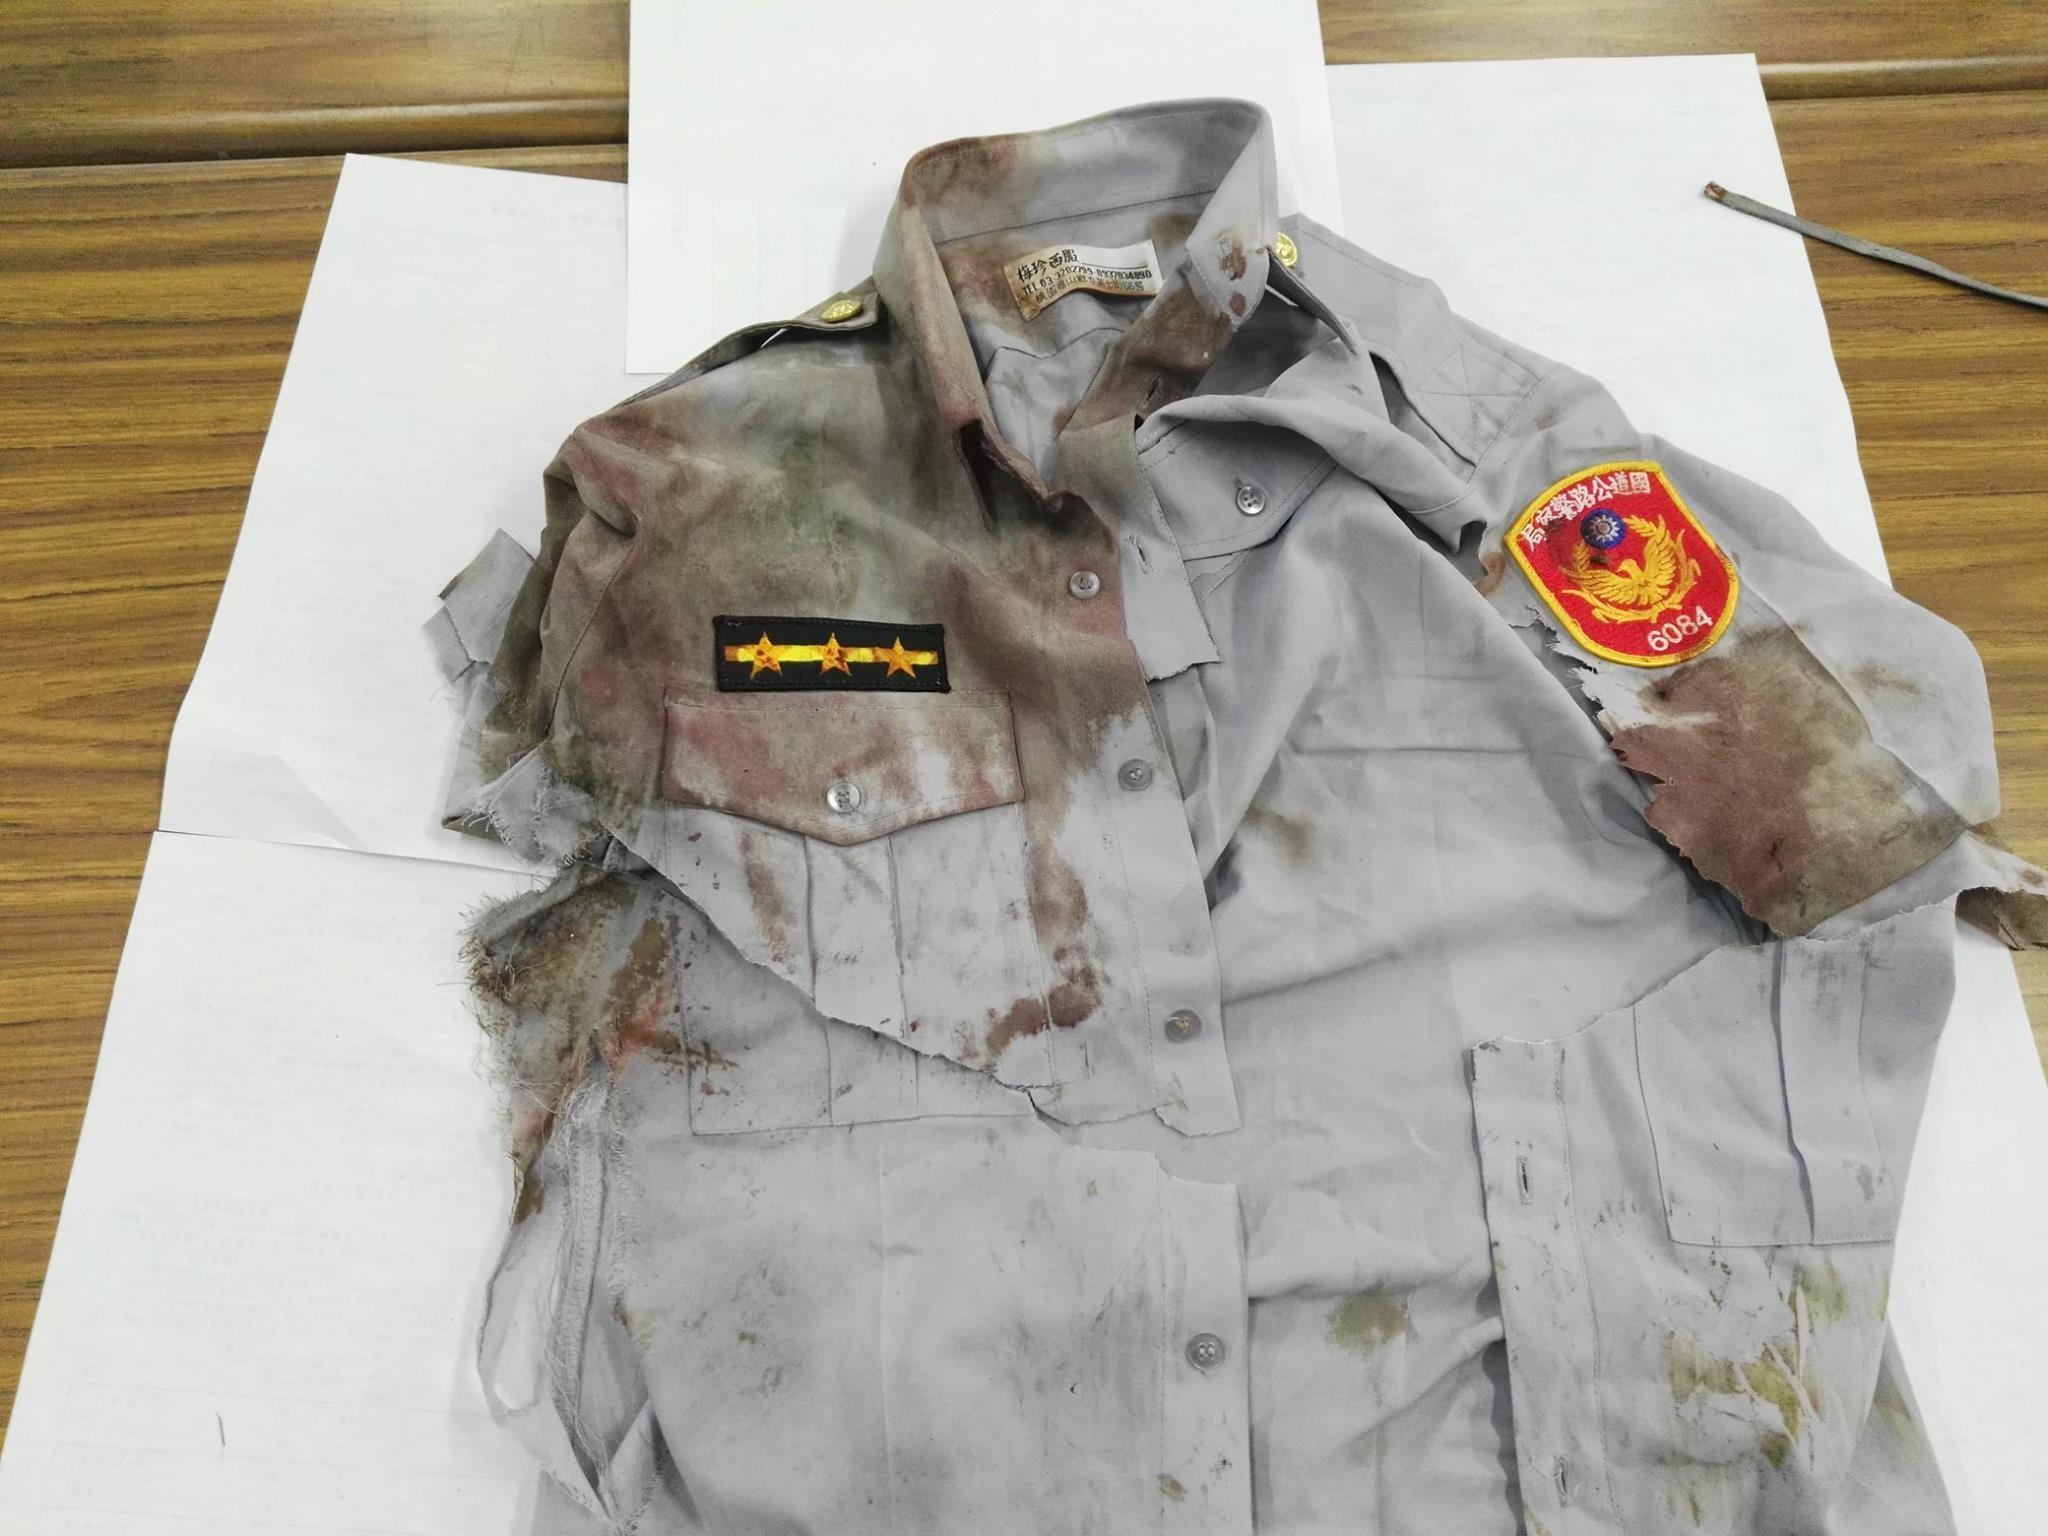 同袍PO出國道警察陳啟瑞的血衣。(圖/翻攝「爆料公社」臉書社團)